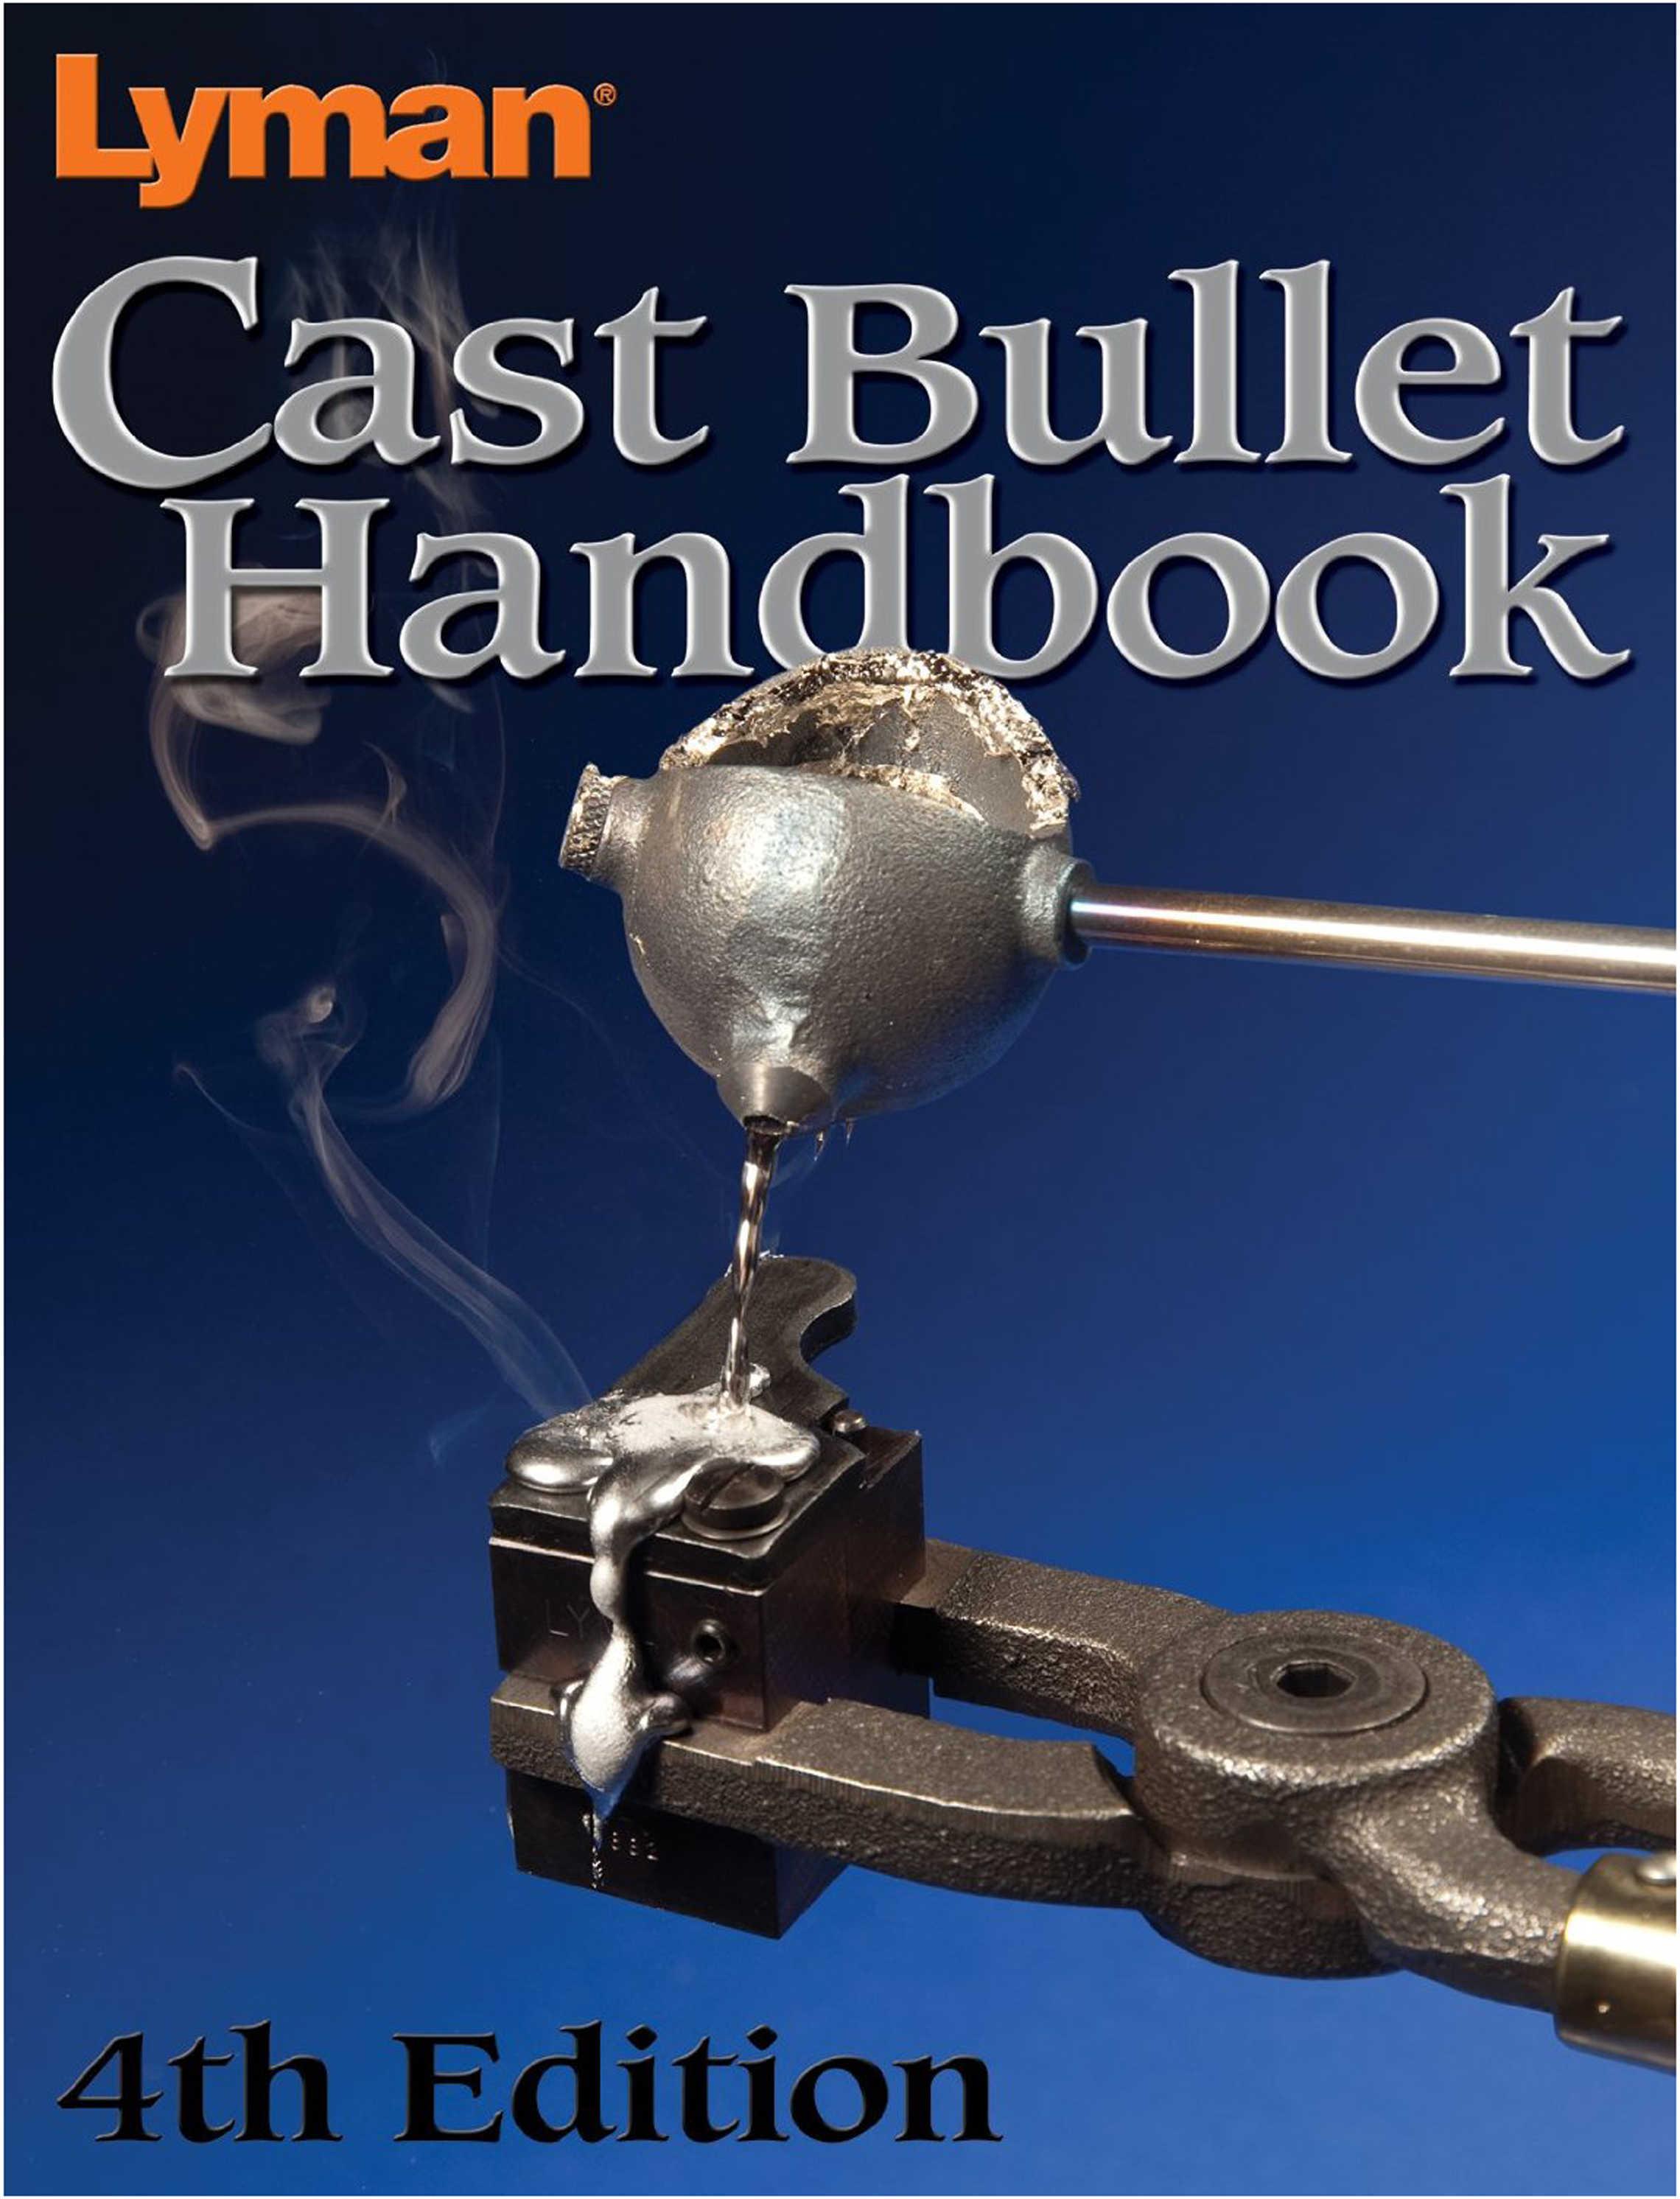 Lyman Cast Bullet Handbook 4Th Edition Md: 9817004